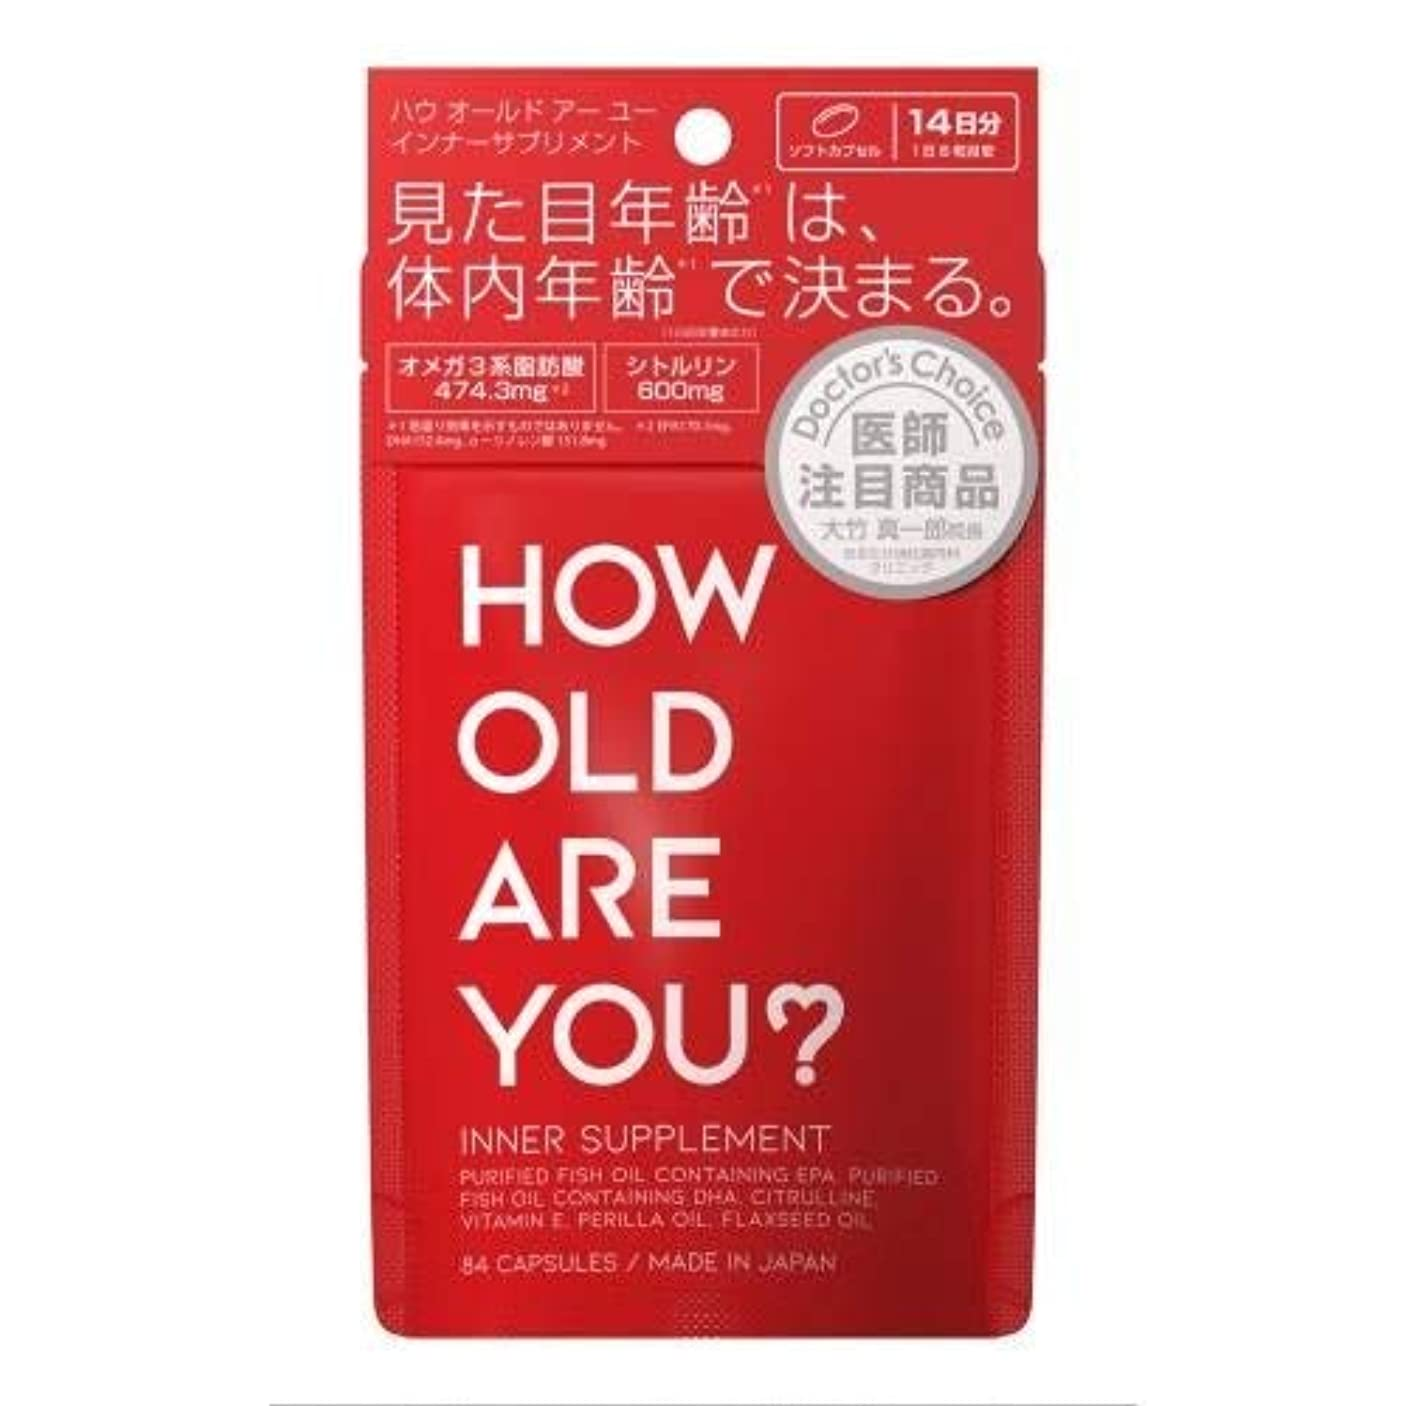 宇宙の襲撃好き【4個セット】HOW OLD ARE YOU?インナーサプリメント 84粒